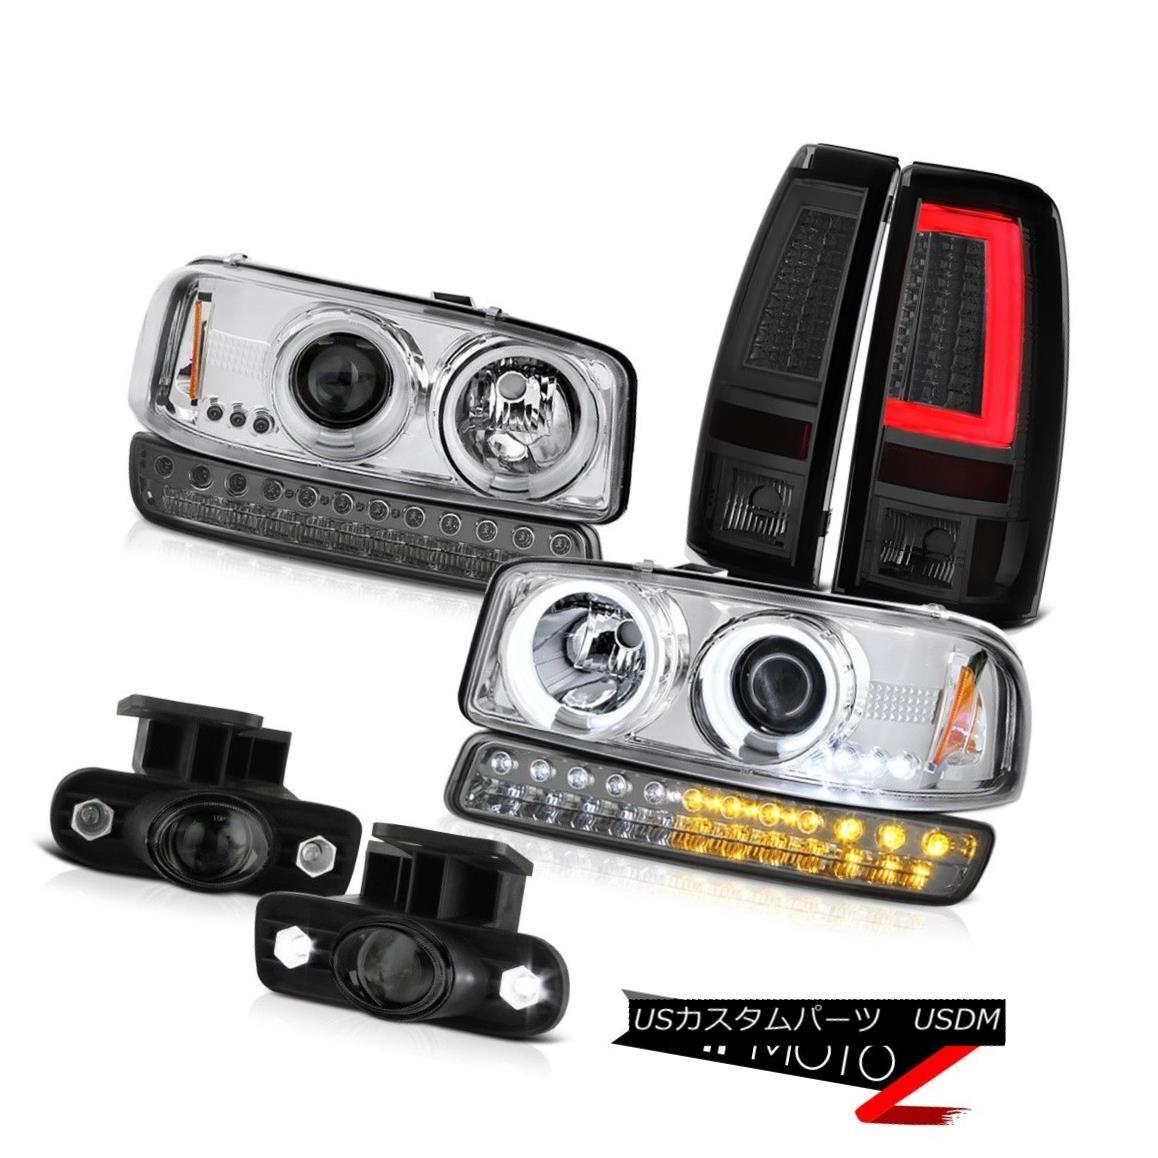 【メール便送料無料対応可】 テールライト 99-02 Sierra SL Parking Brake Lights Fog Lamps Light CCFL Headlights Light Bar 99-02 Sierra SLパーキングブレーキライトフォグランプライトCCFLヘッドライトライトバー, まぐろレストラン ダイエンフーズ 45ff409c